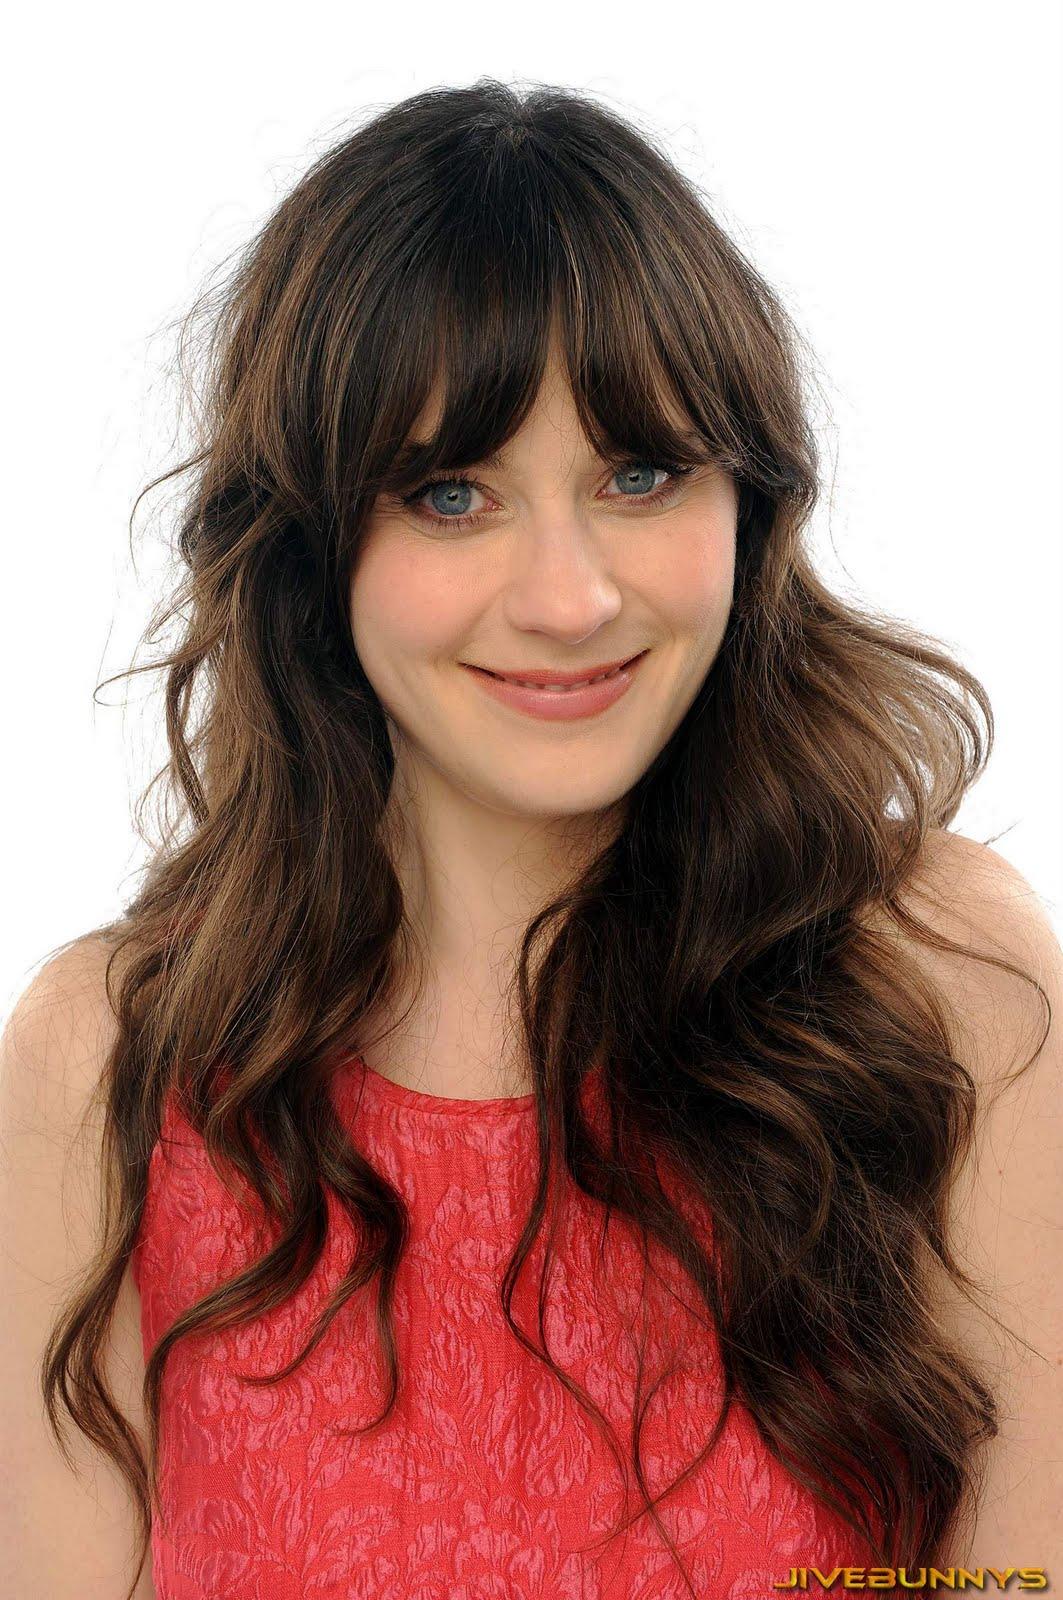 http://2.bp.blogspot.com/-KoucBurzEH0/TdS0KCkHH9I/AAAAAAACEiw/MzTXA_YMXWQ/s1600/zooey-deschanel-actress-448.jpg